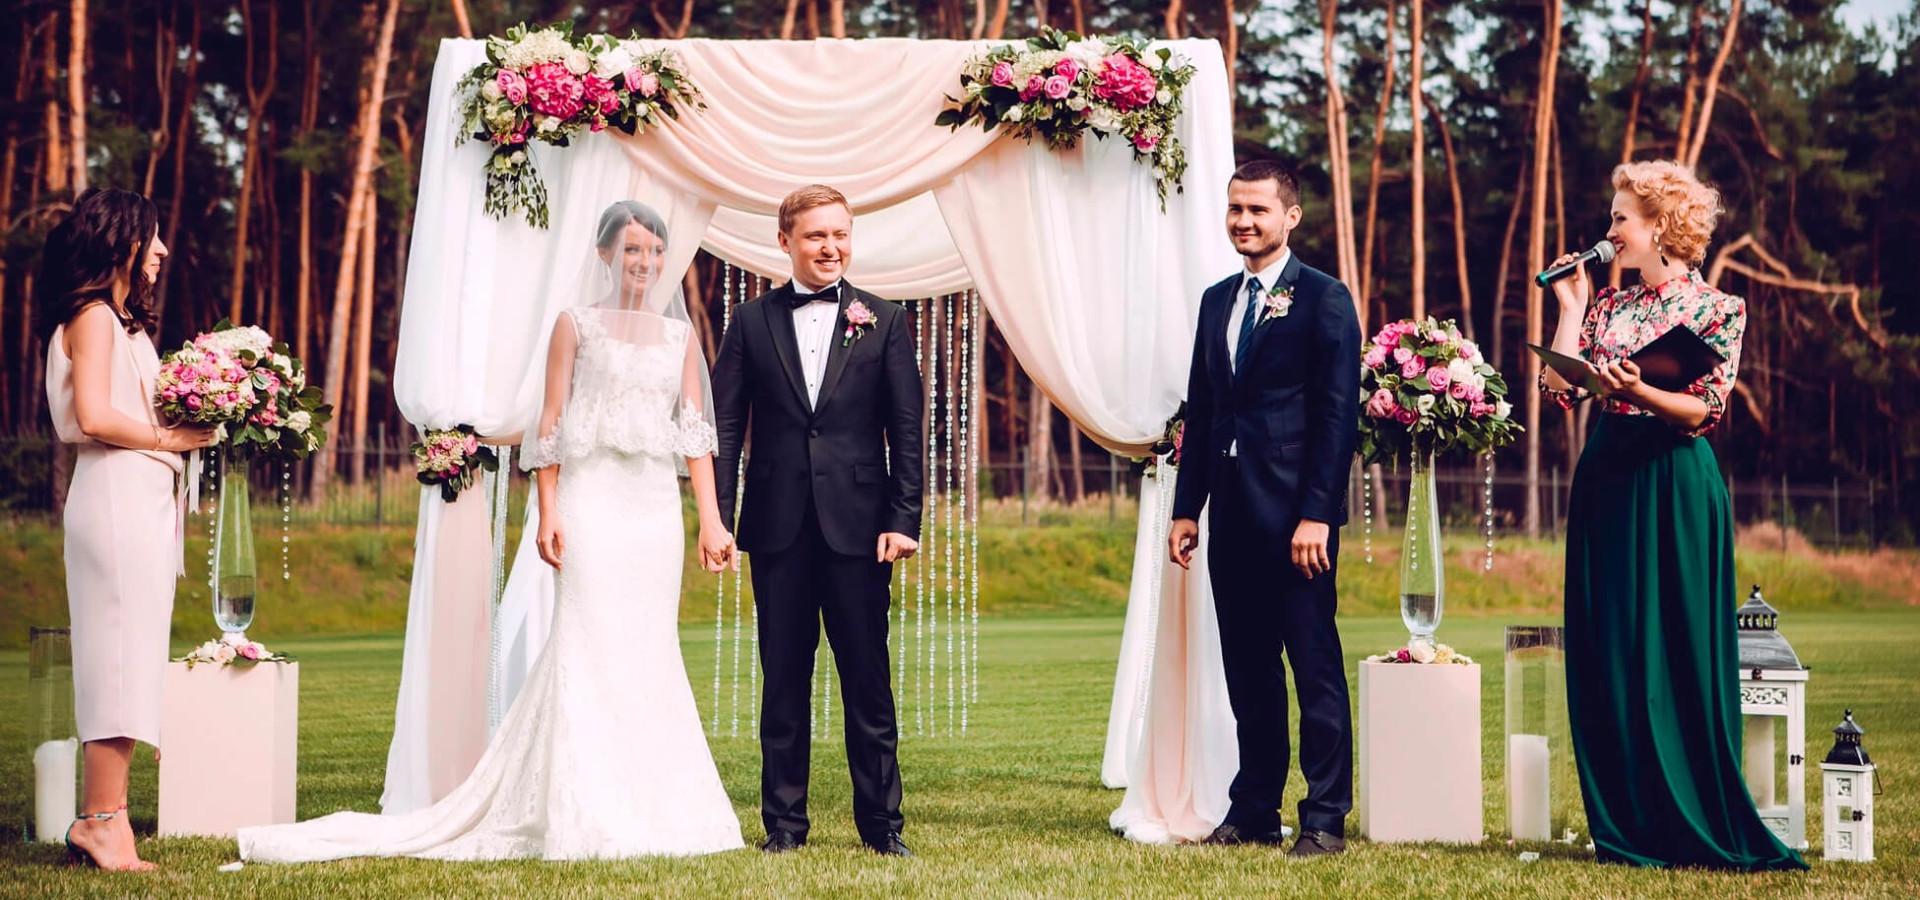 Топ 7 лучших свадебных советов